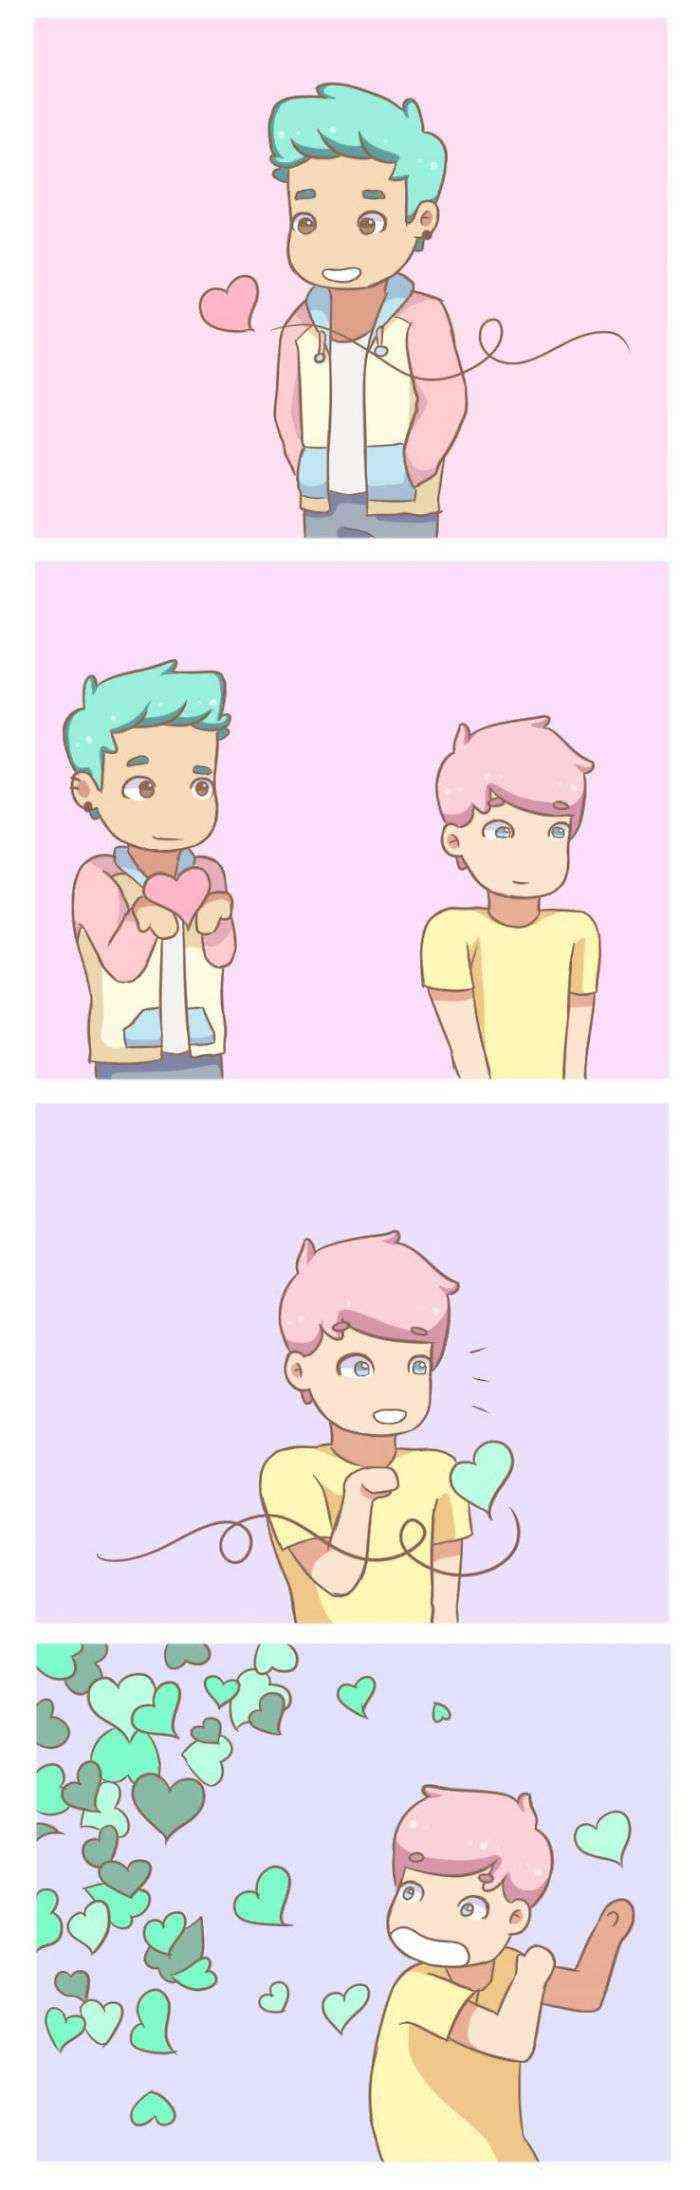 1522241346 647 20 adorables comics sobre la vida diaria de una pareja gay - 20 Adorables cómics sobre la vida diaria de una pareja gay